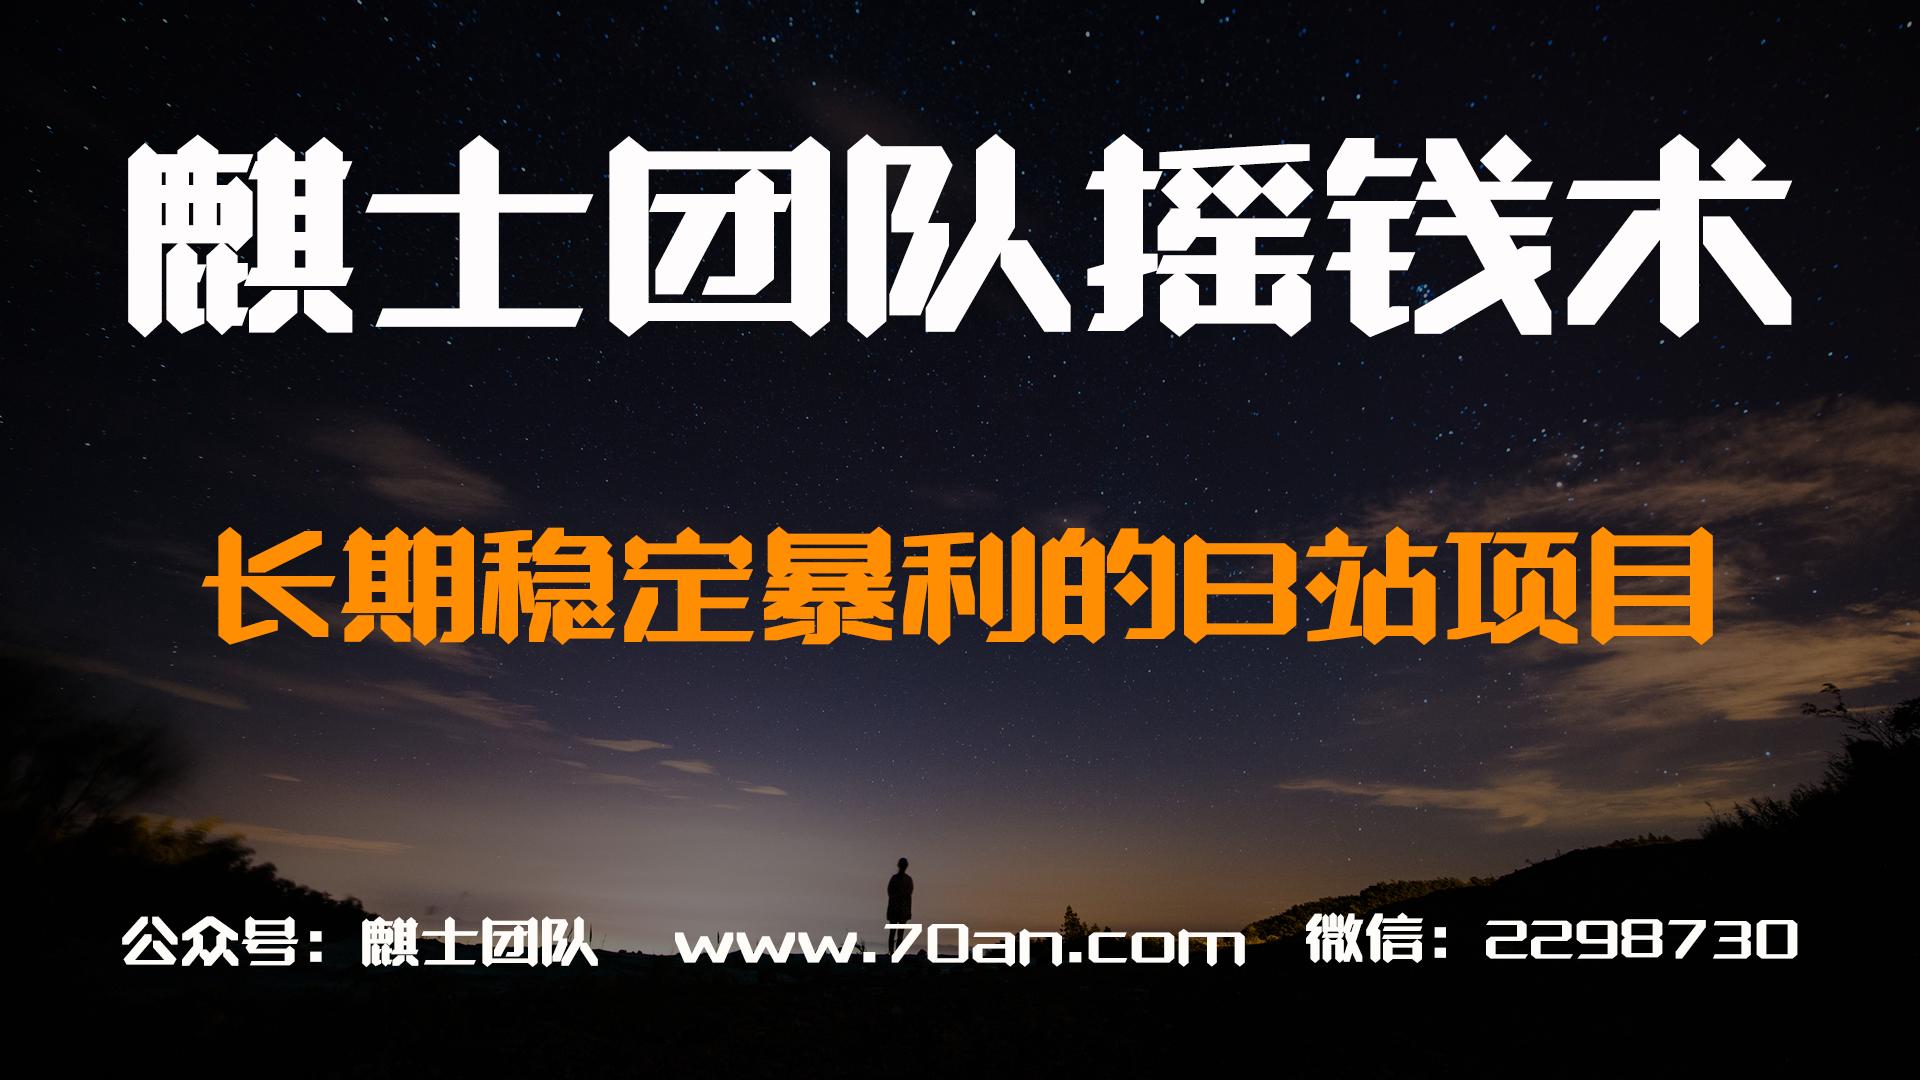 麒士团队摇钱术09:长期稳定暴利的B站项目